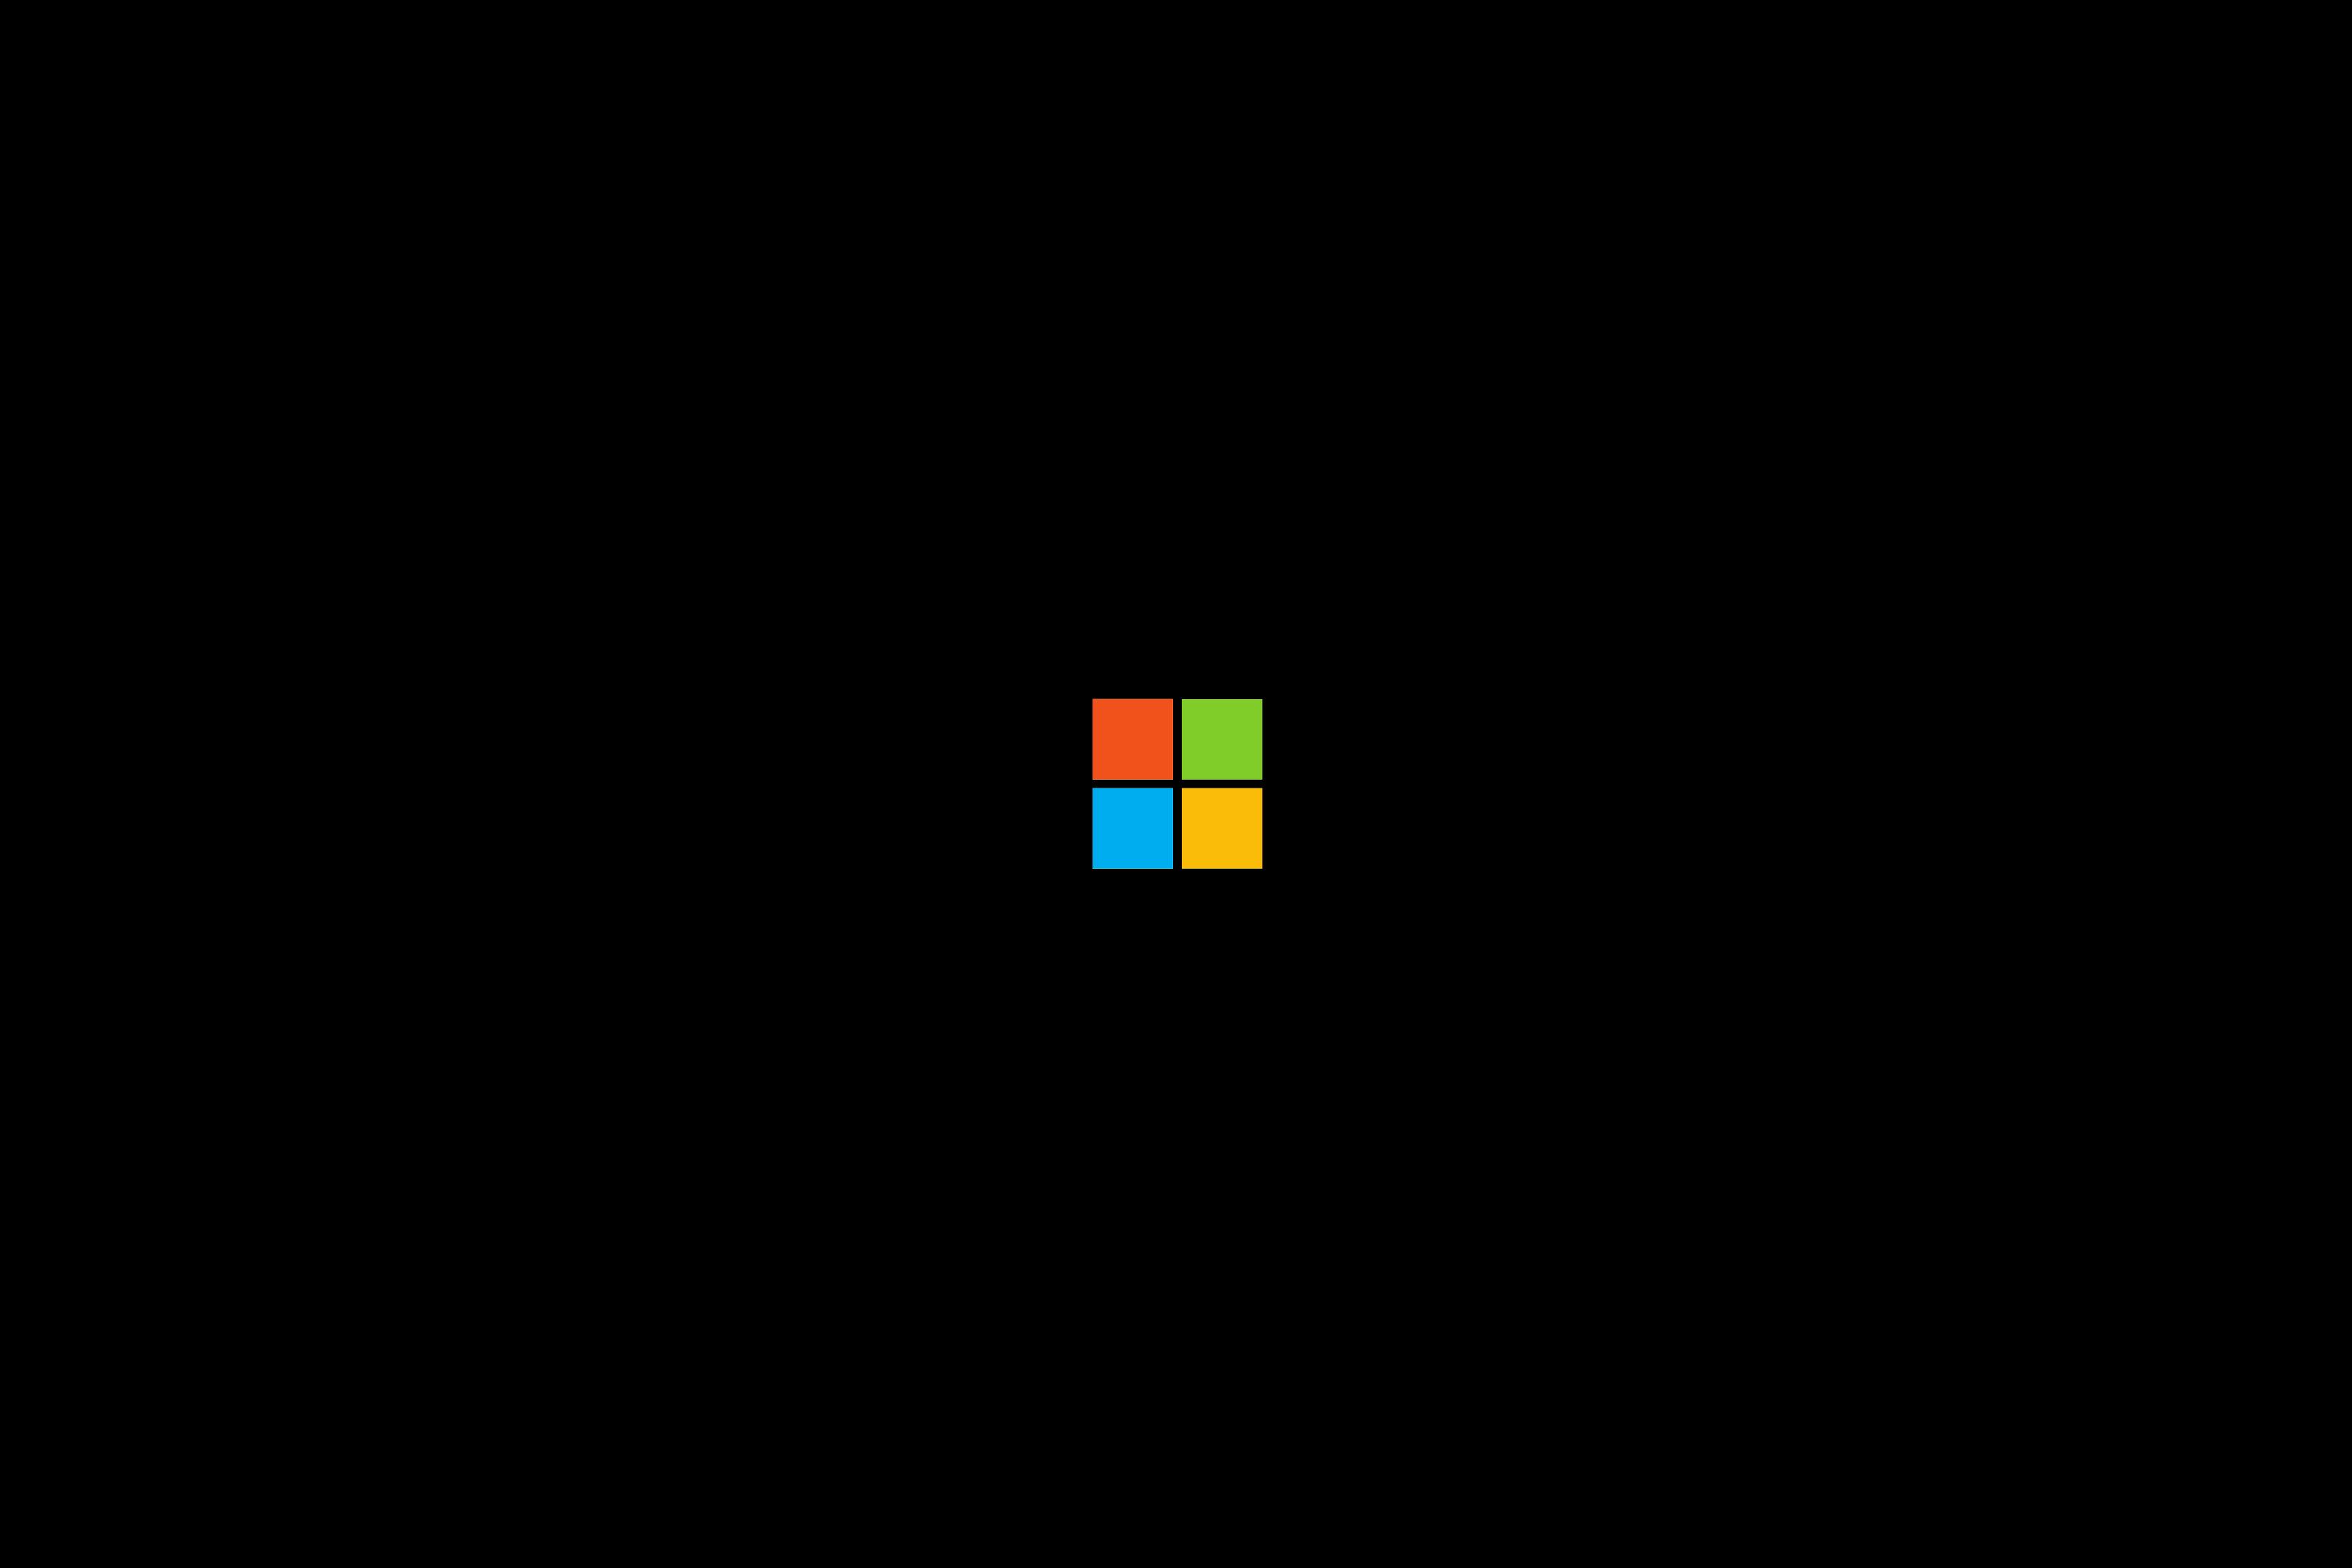 Hình nền đẹp cho máy tính